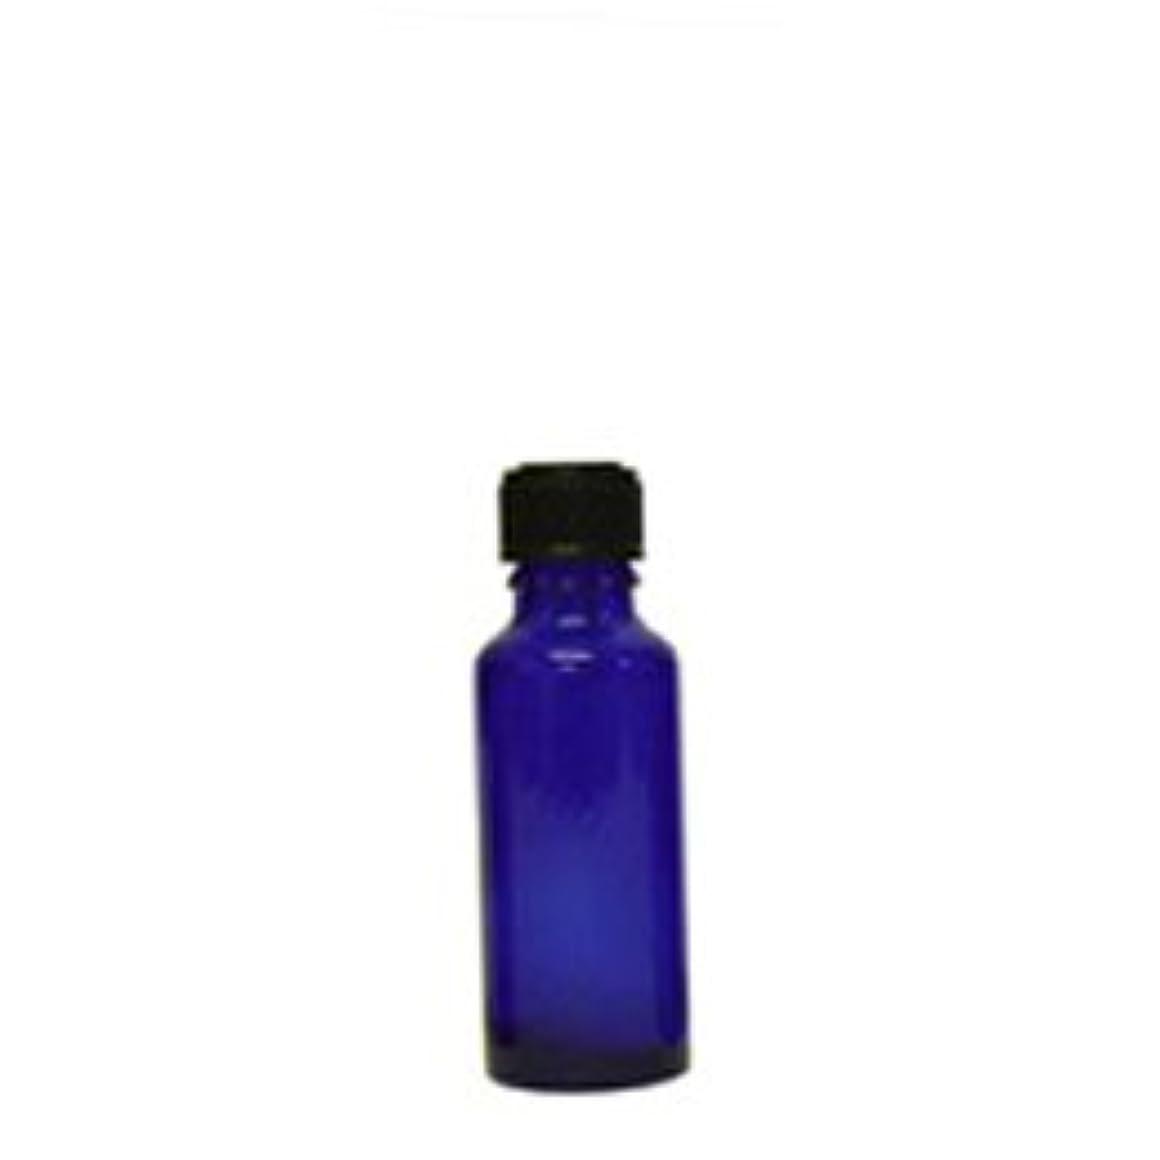 ジョージエリオット増加する満たす青色遮光ビン 30ml (ドロッパー付)